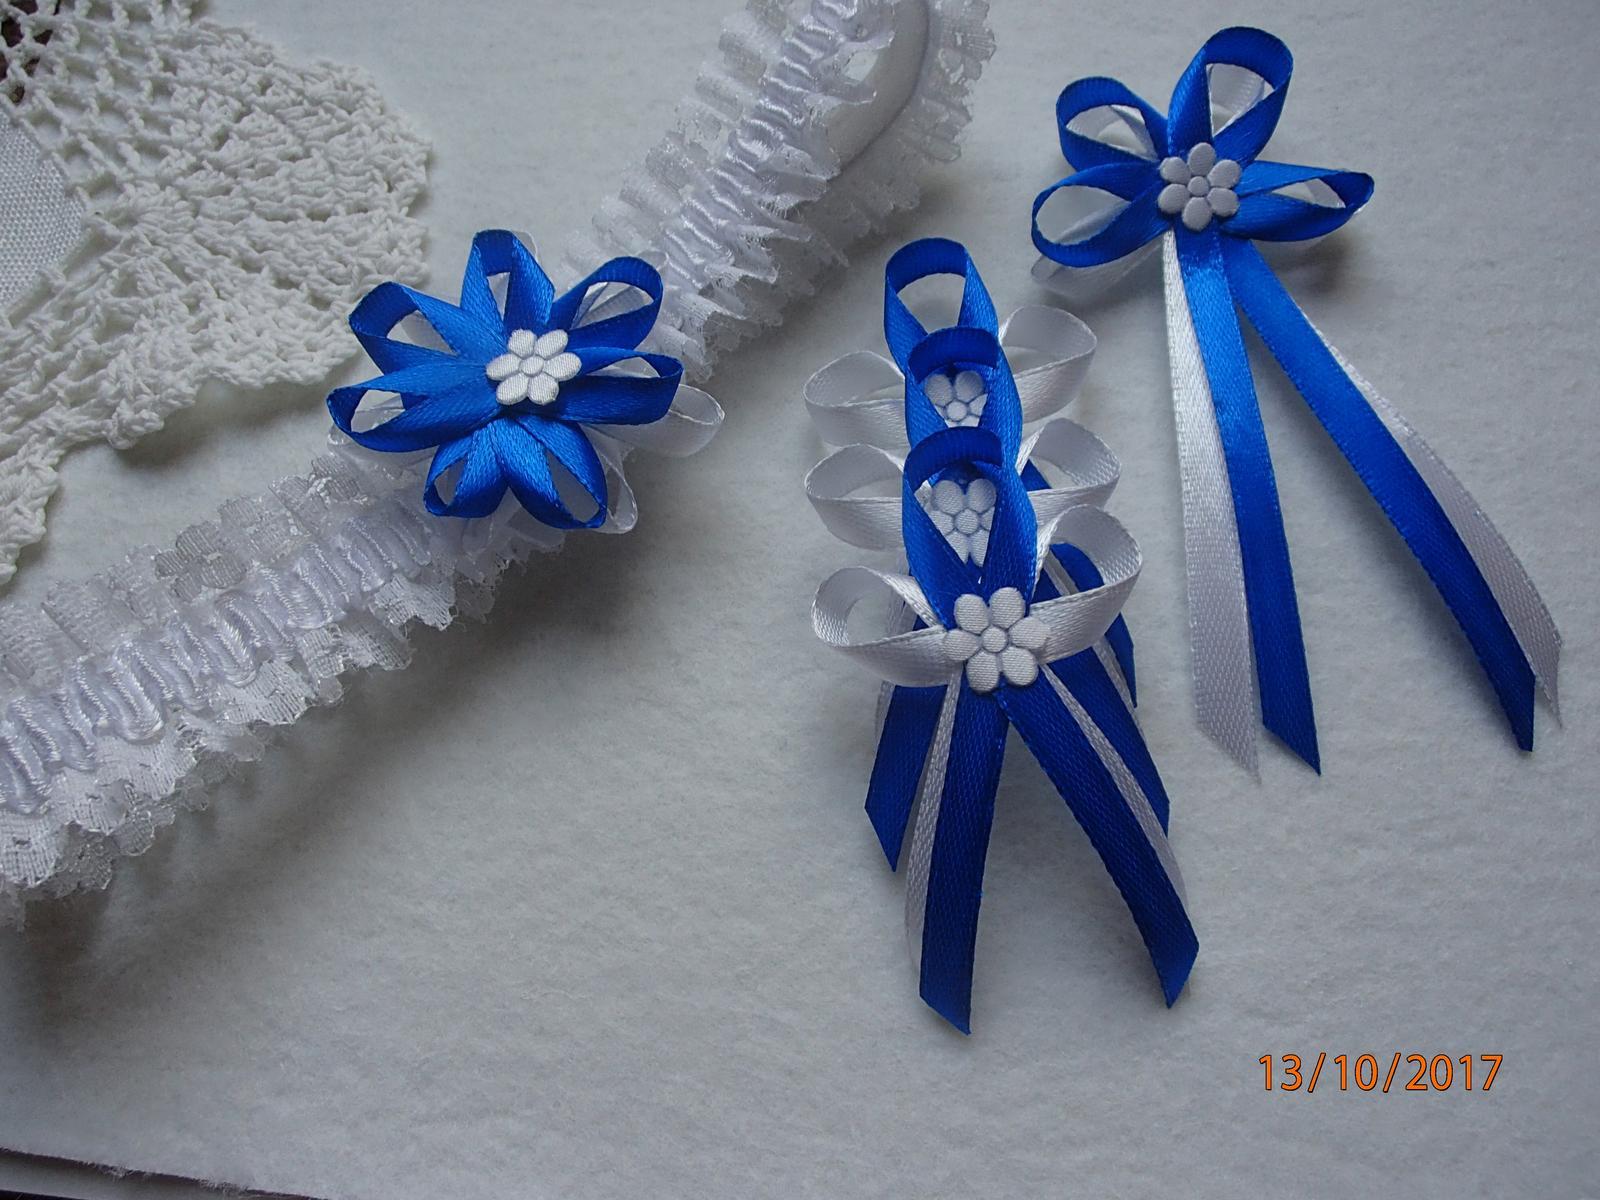 Svatební vývazky, polštářky, ozdoby do vlasů a podvazky... - Obrázek č. 5